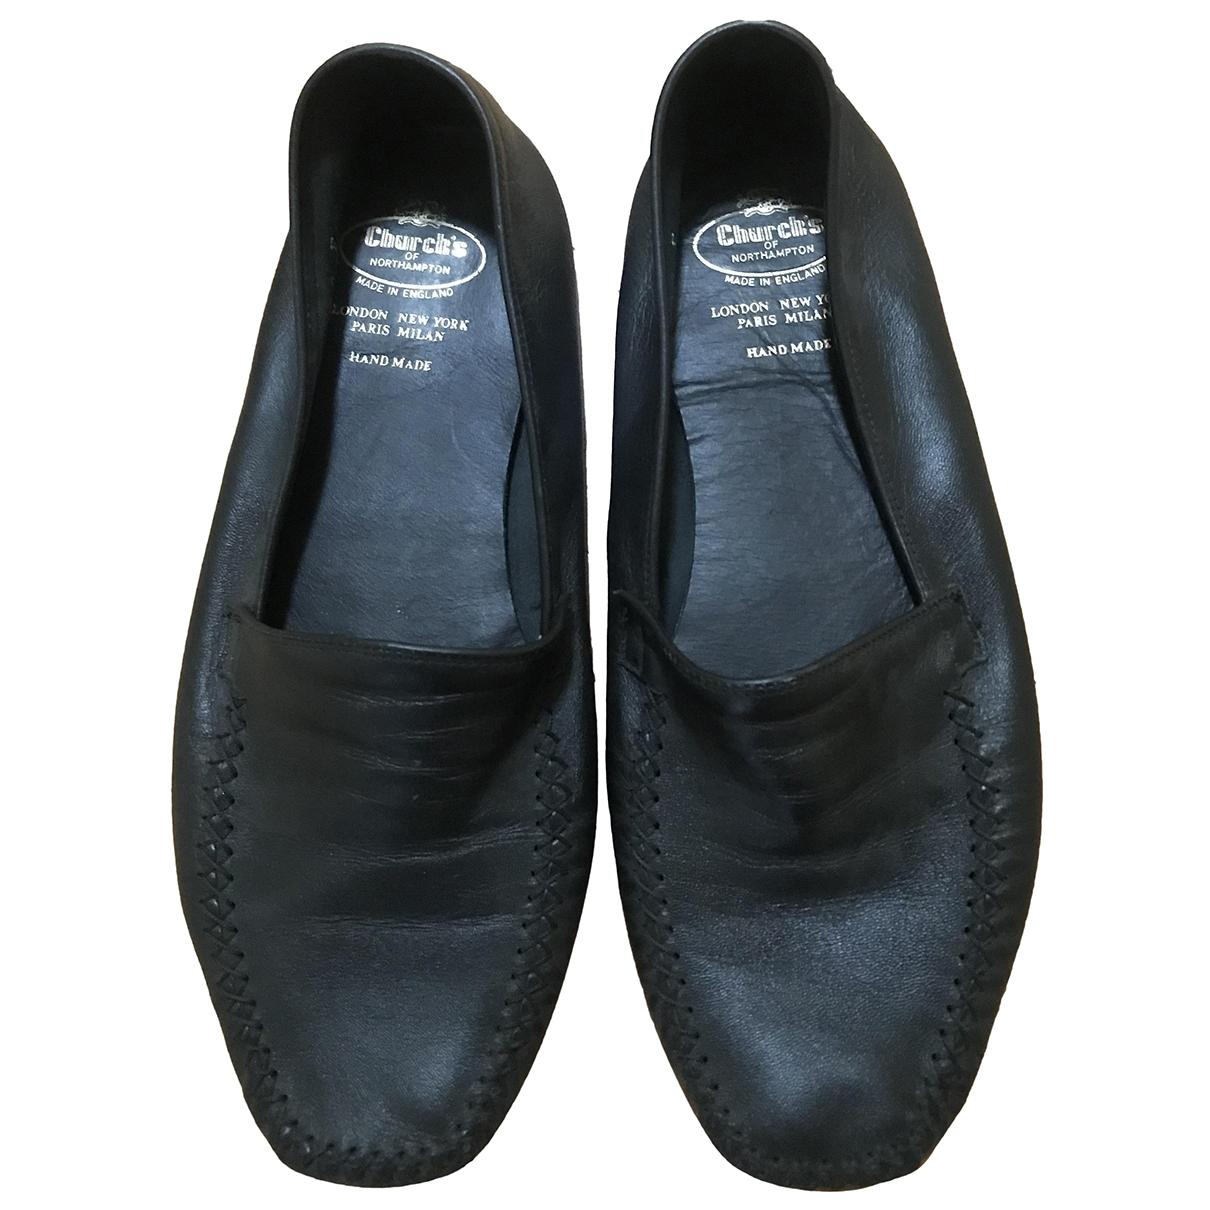 Churchs - Espadrilles   pour homme en cuir - noir